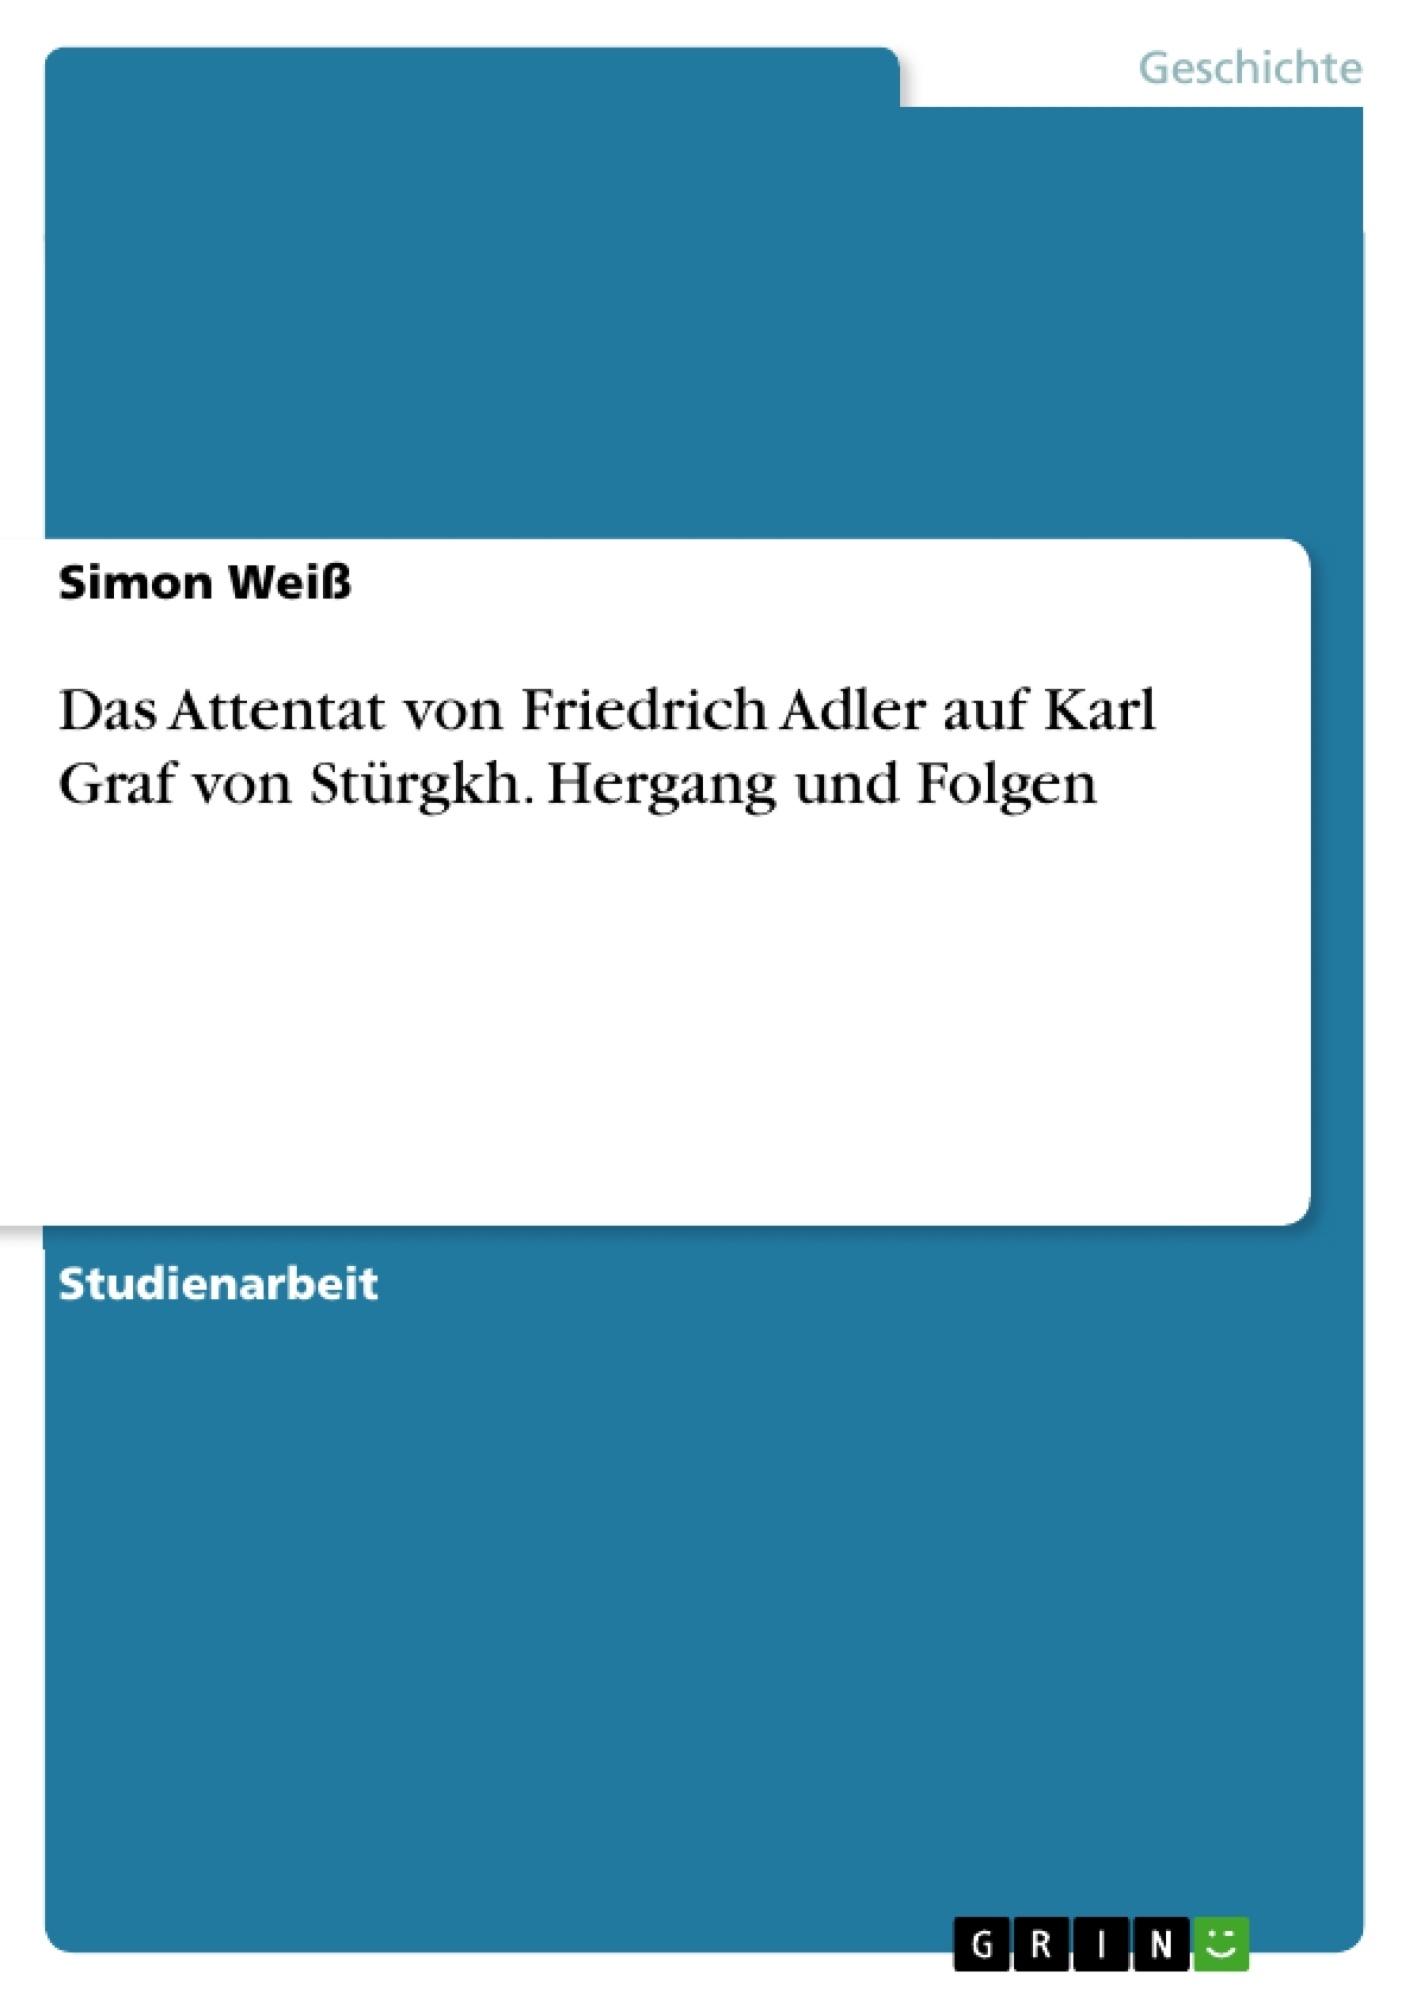 Titel: Das Attentat von Friedrich Adler auf Karl Graf von Stürgkh. Hergang und Folgen